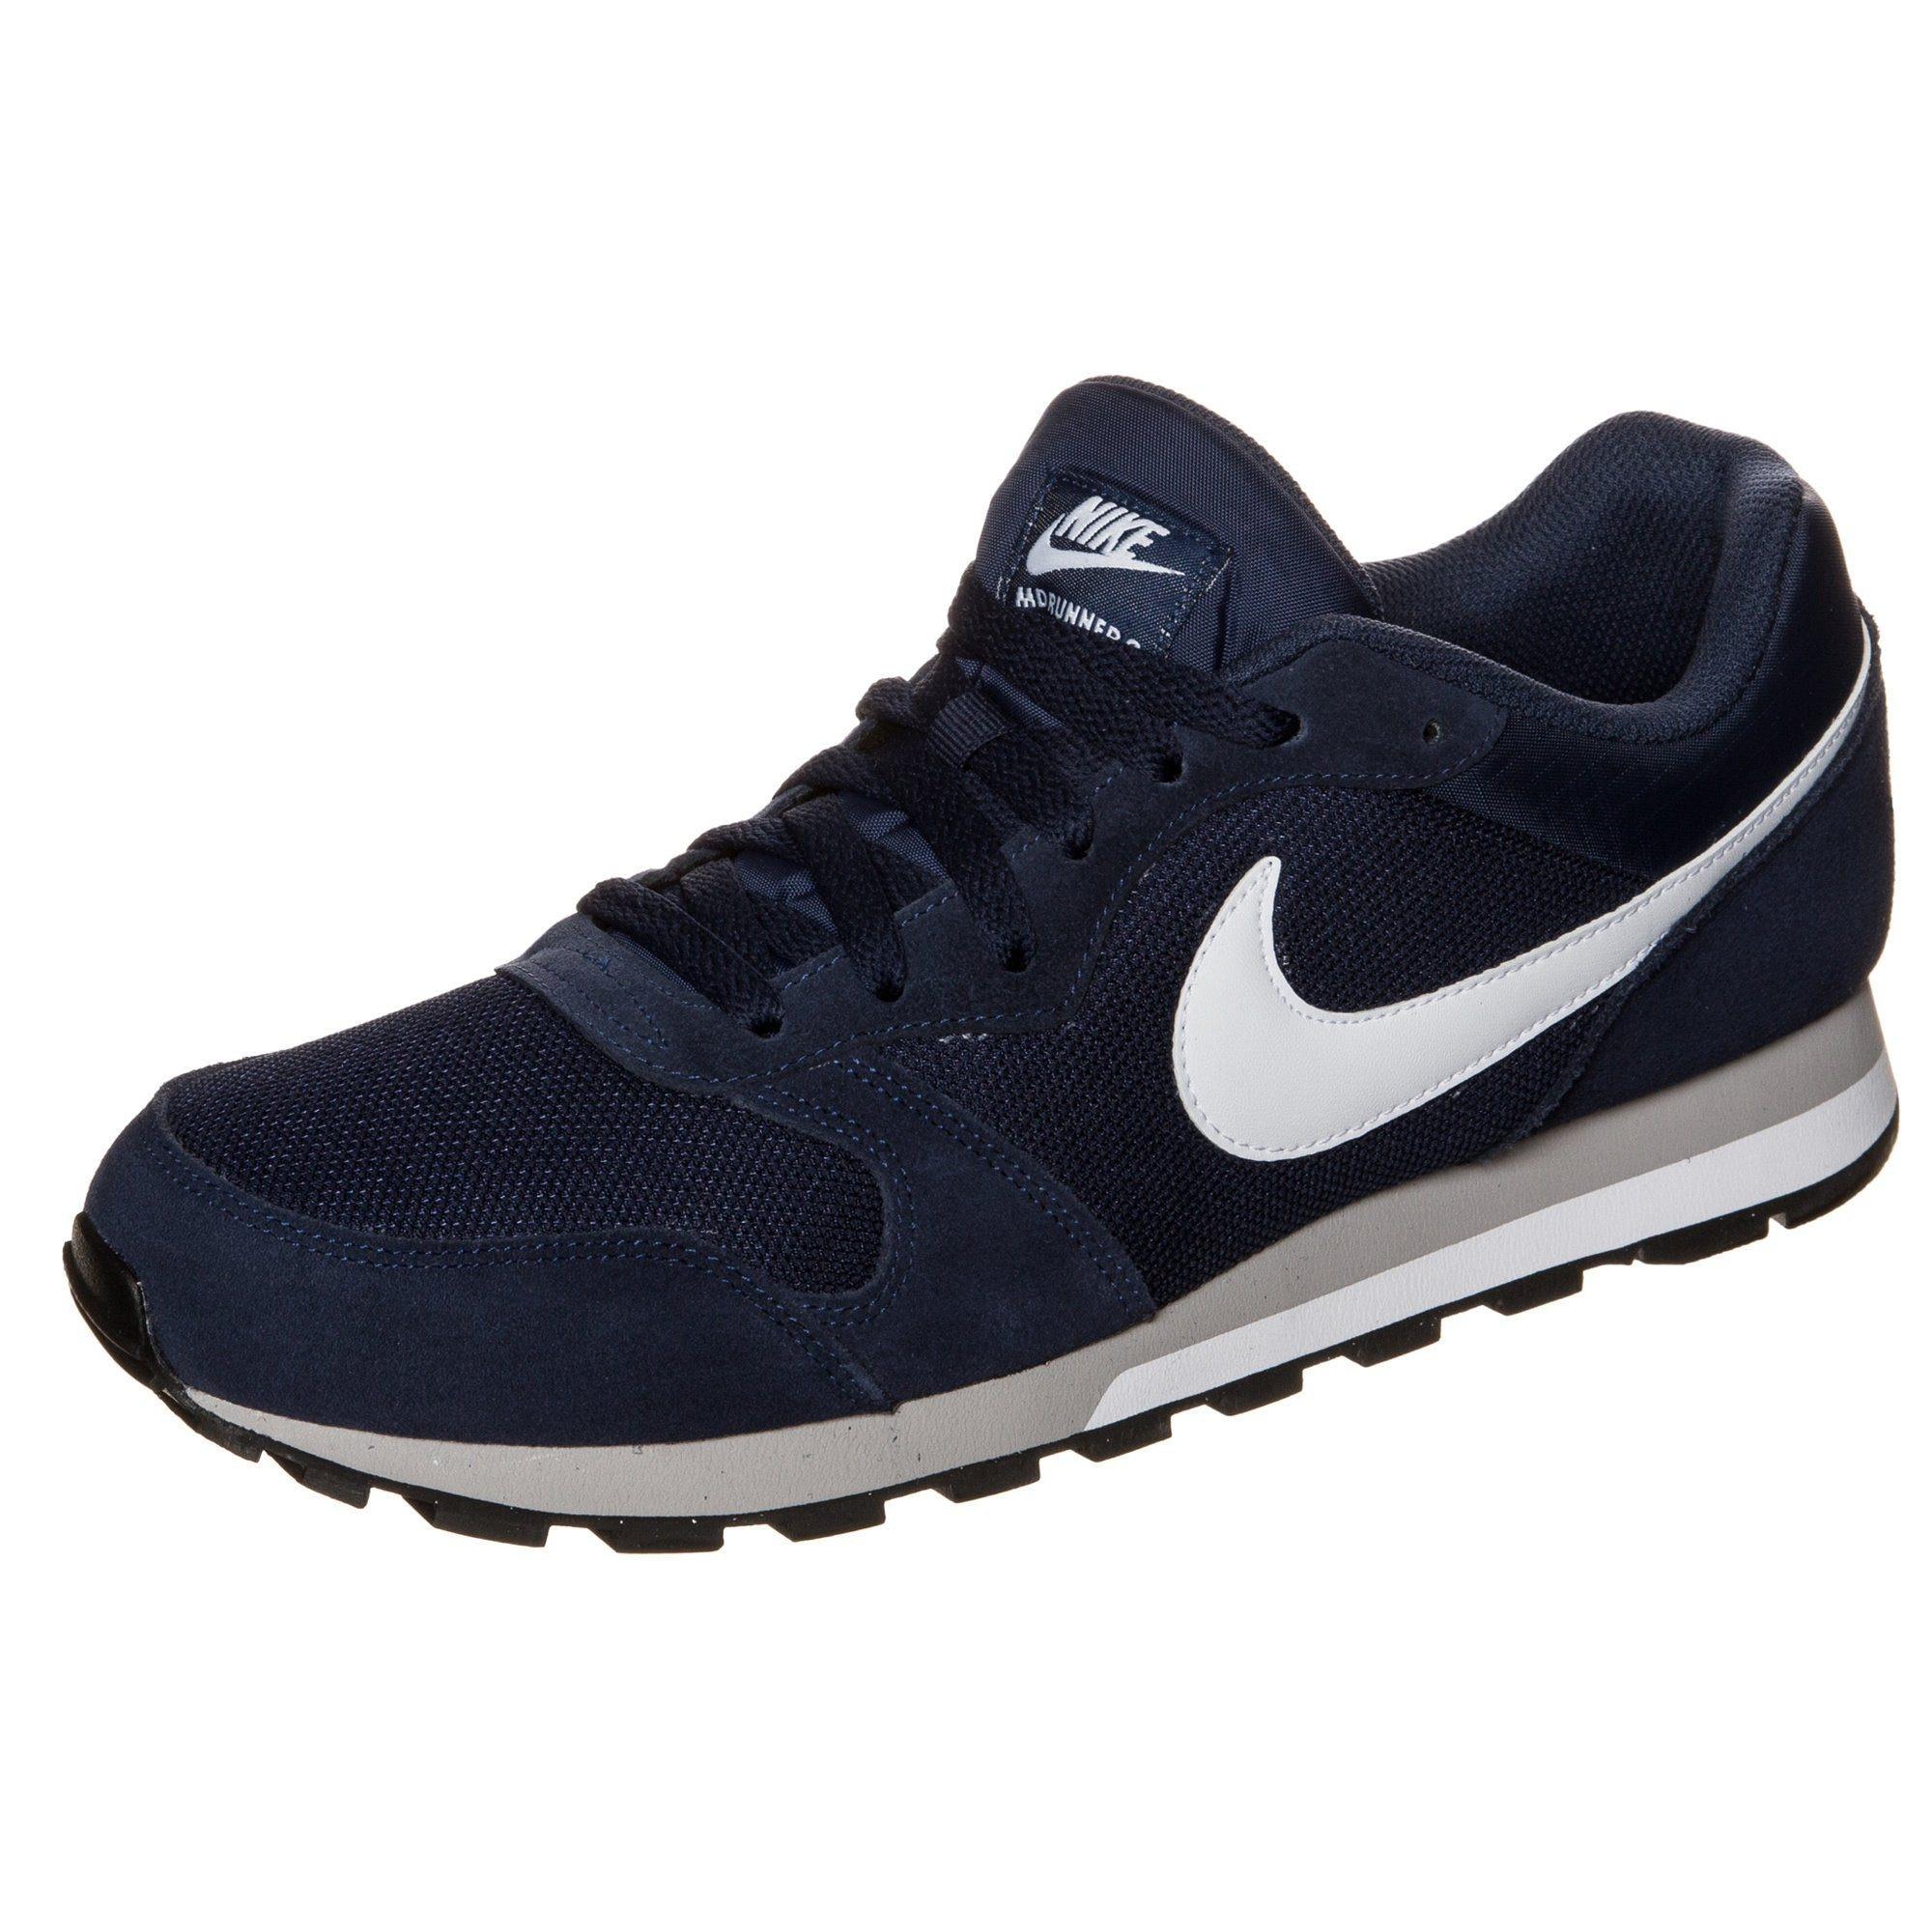 Nike Sportswear MD Runner 2 Sneaker Herren | Gutes Preis-Leistungs-Verhältnis, es lohnt sich